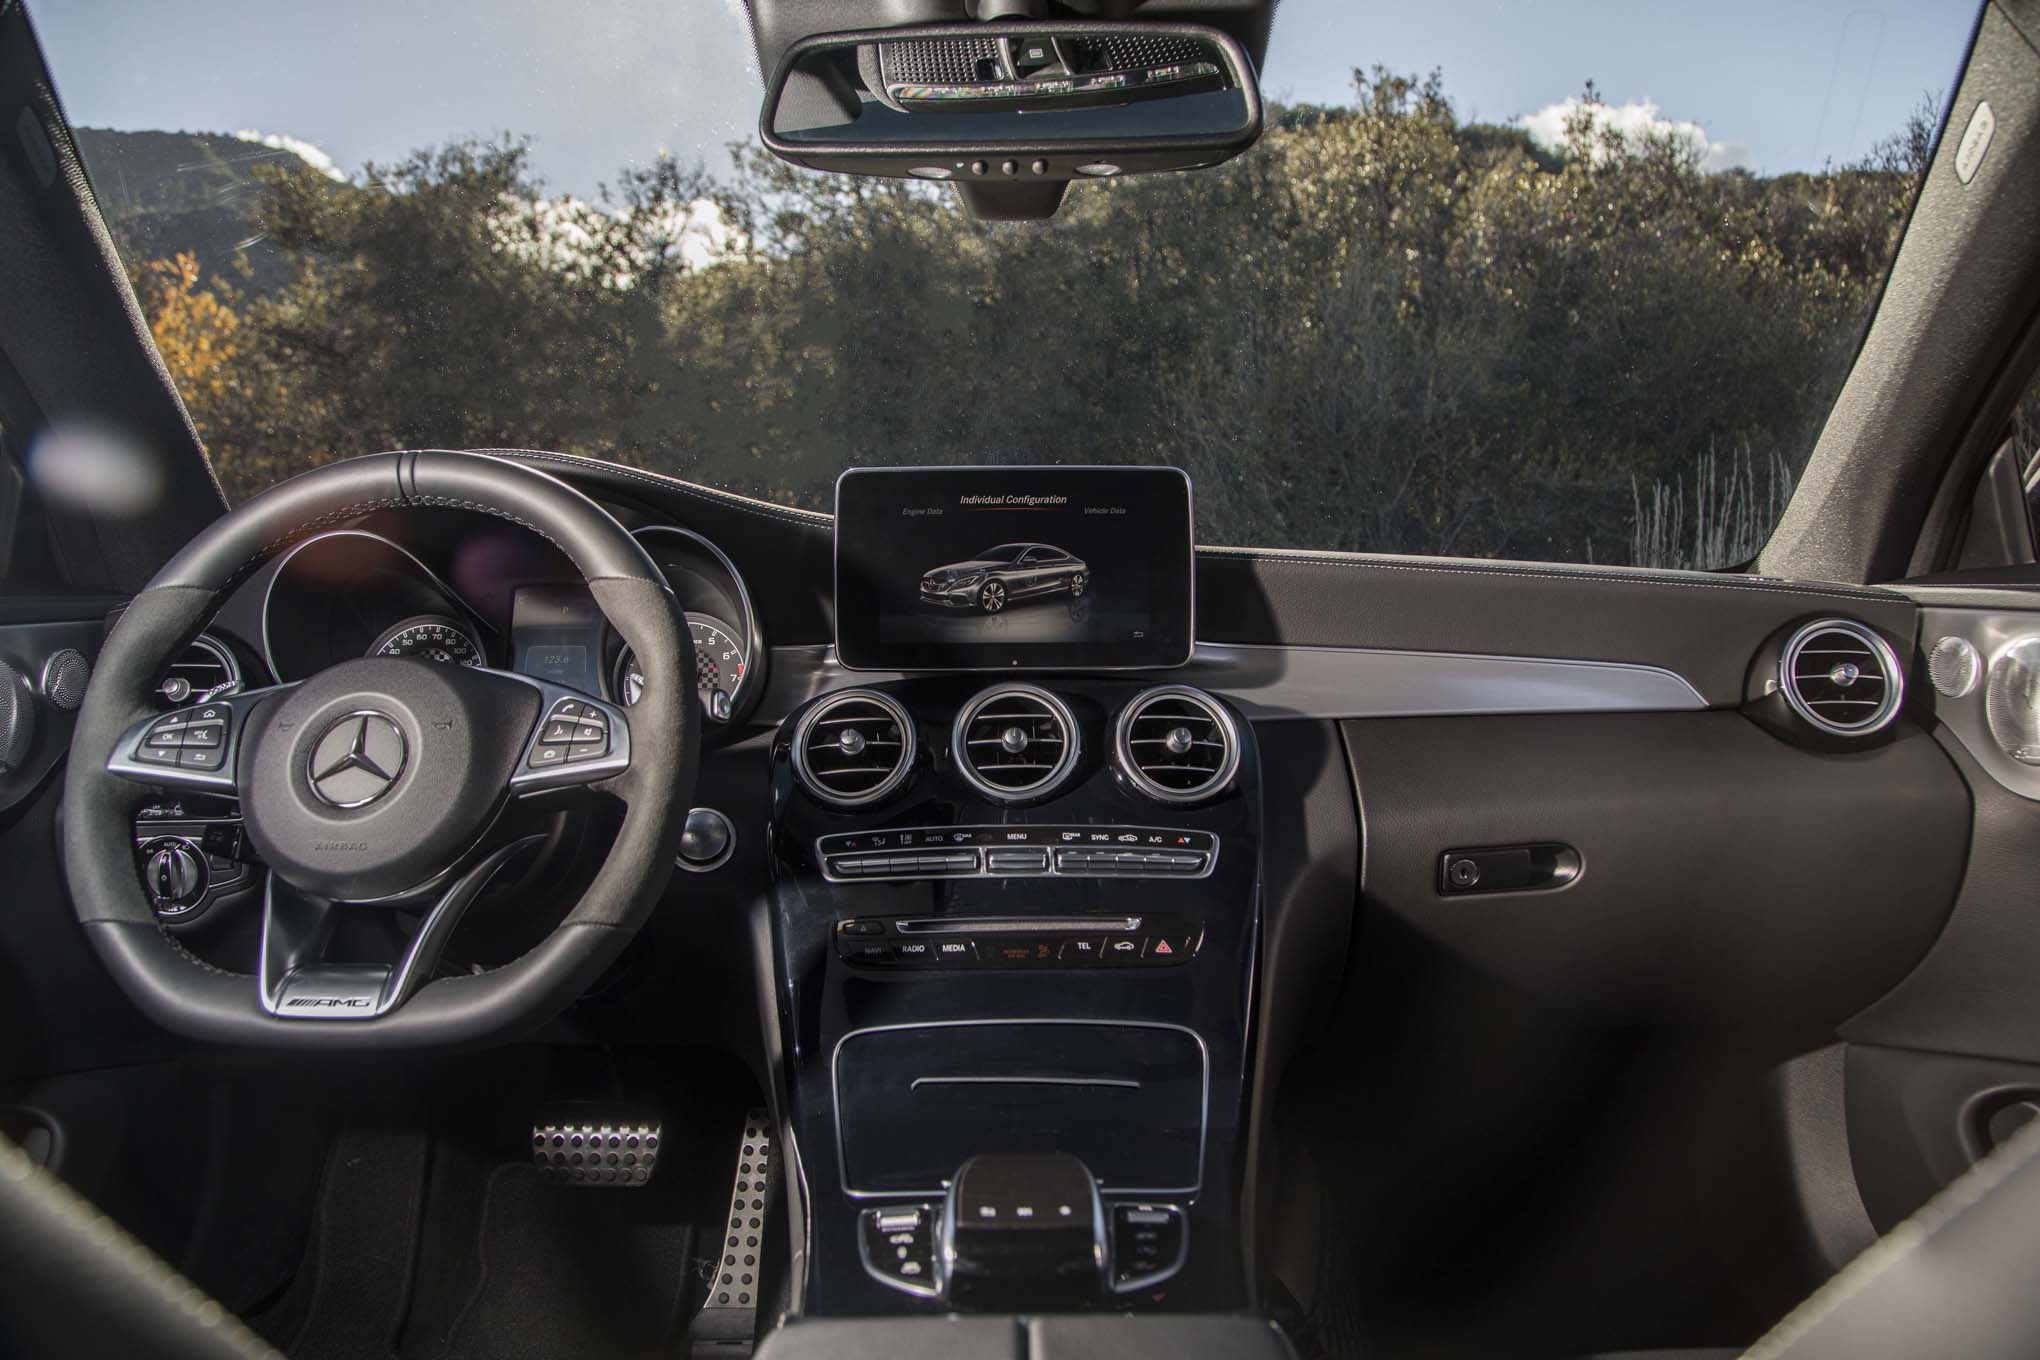 2017 Mercedes AMG C43 Coupe Interior 03